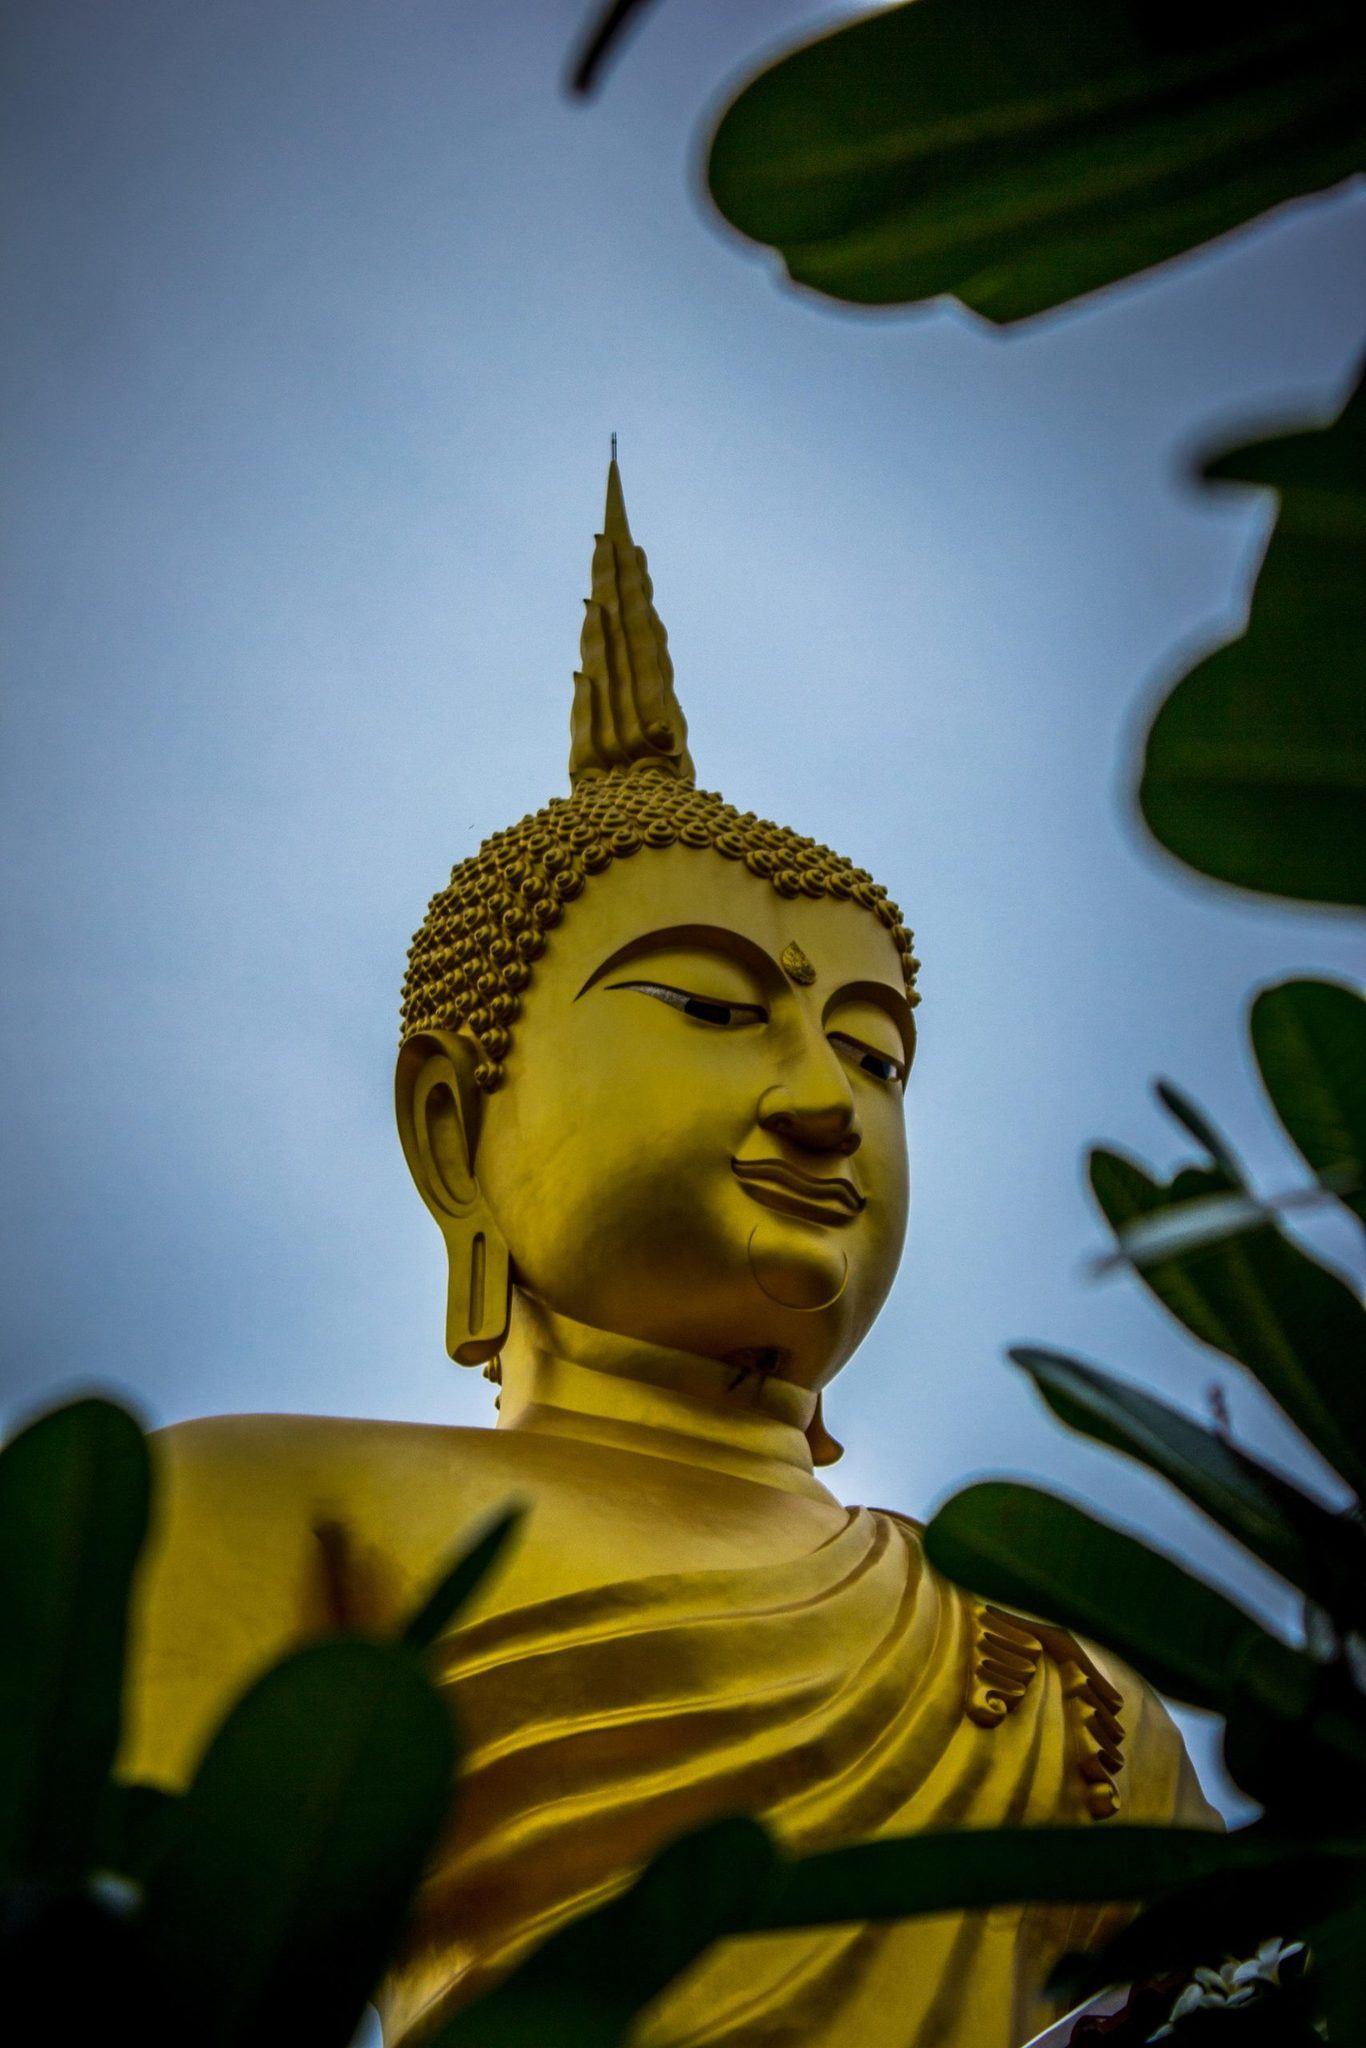 gautama-buddha-statue-937464